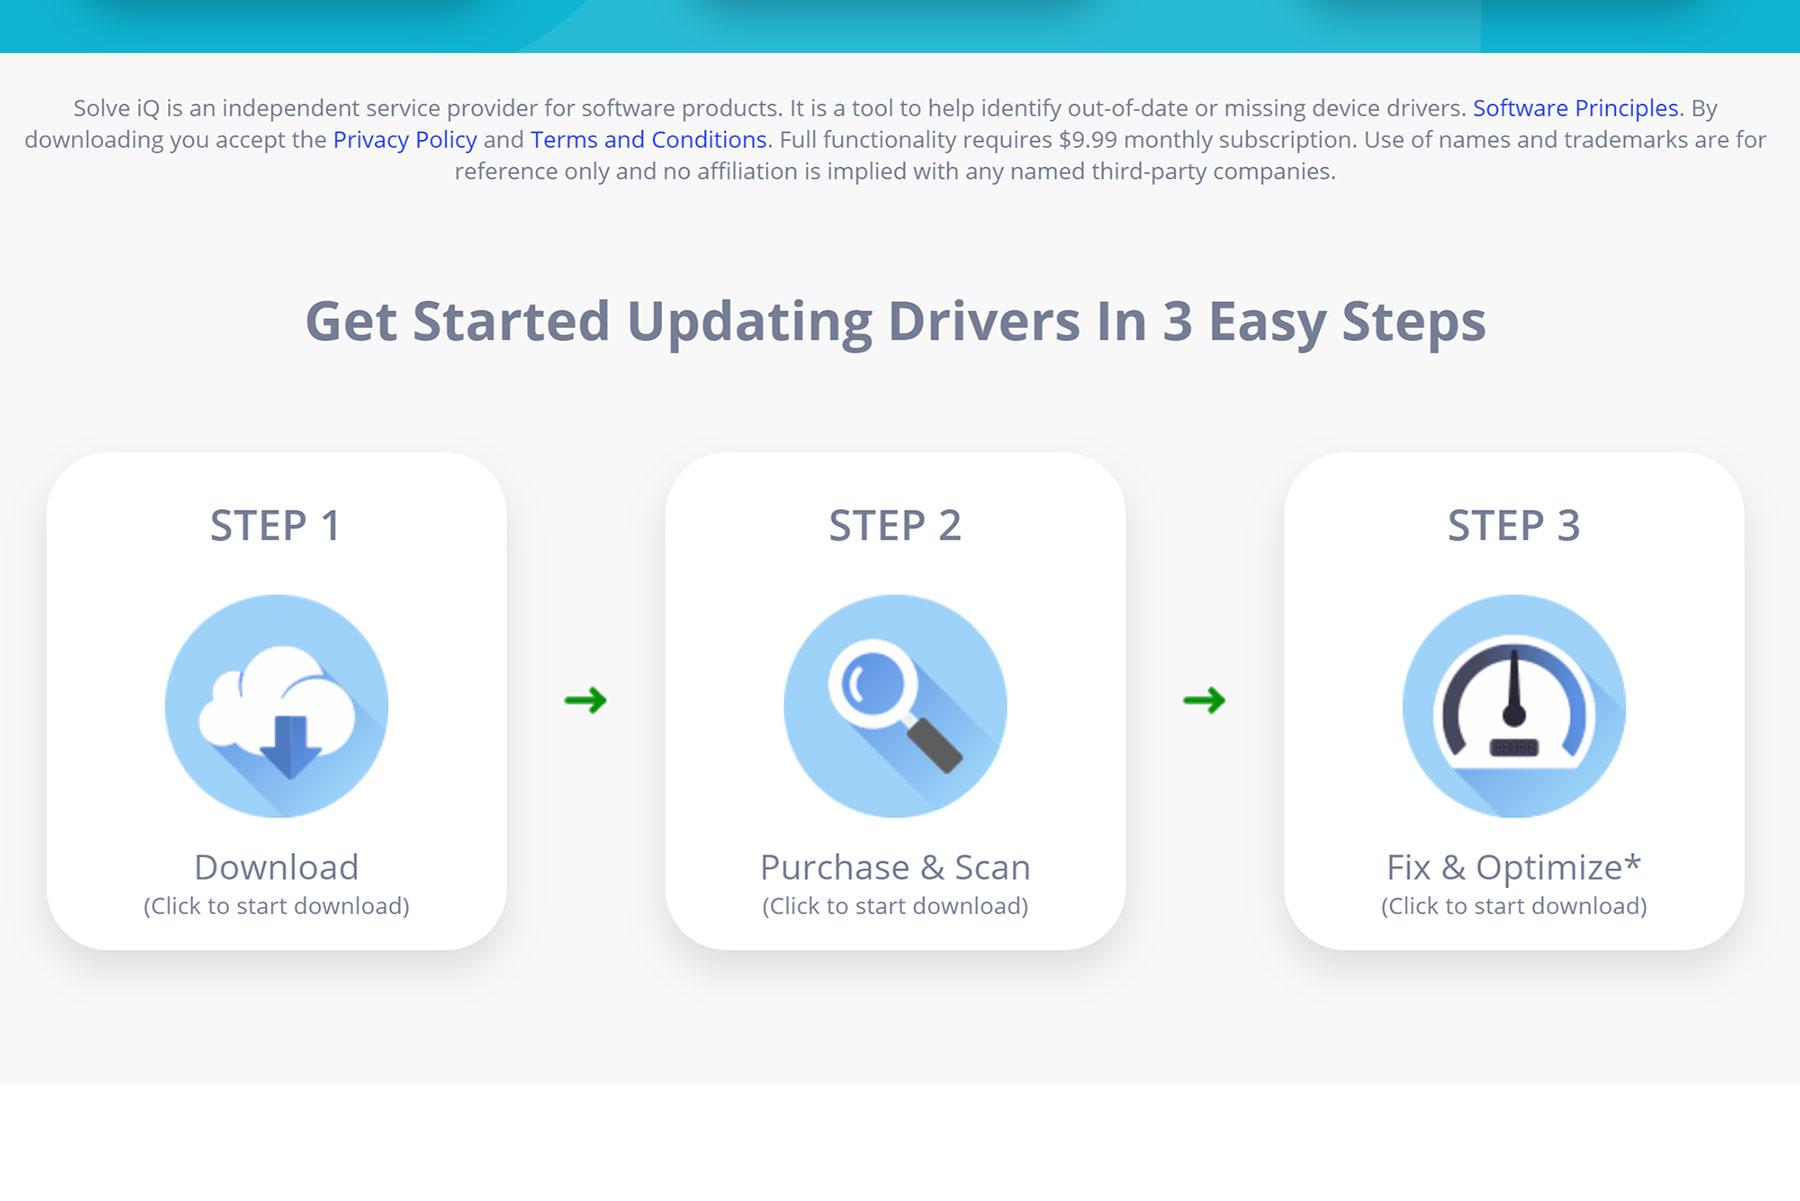 Solve iQ Easy Steps